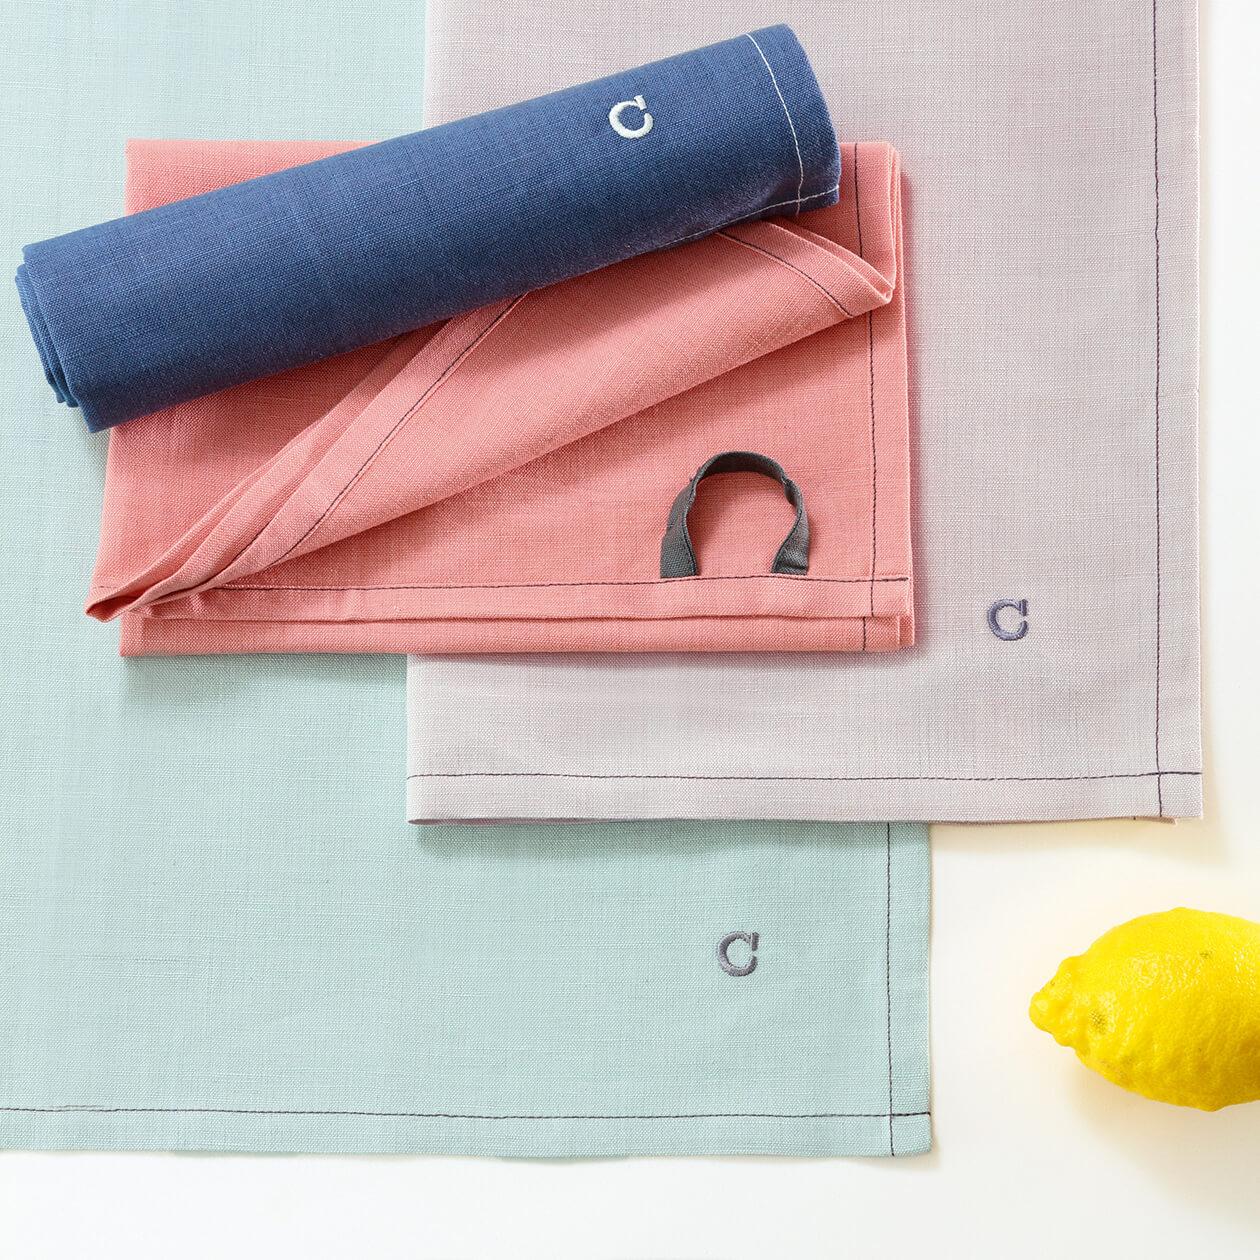 Cawö Home Solid 500 - Geschirrtuch 50x70 cm - Farbe: platin - 705 Detailbild 3